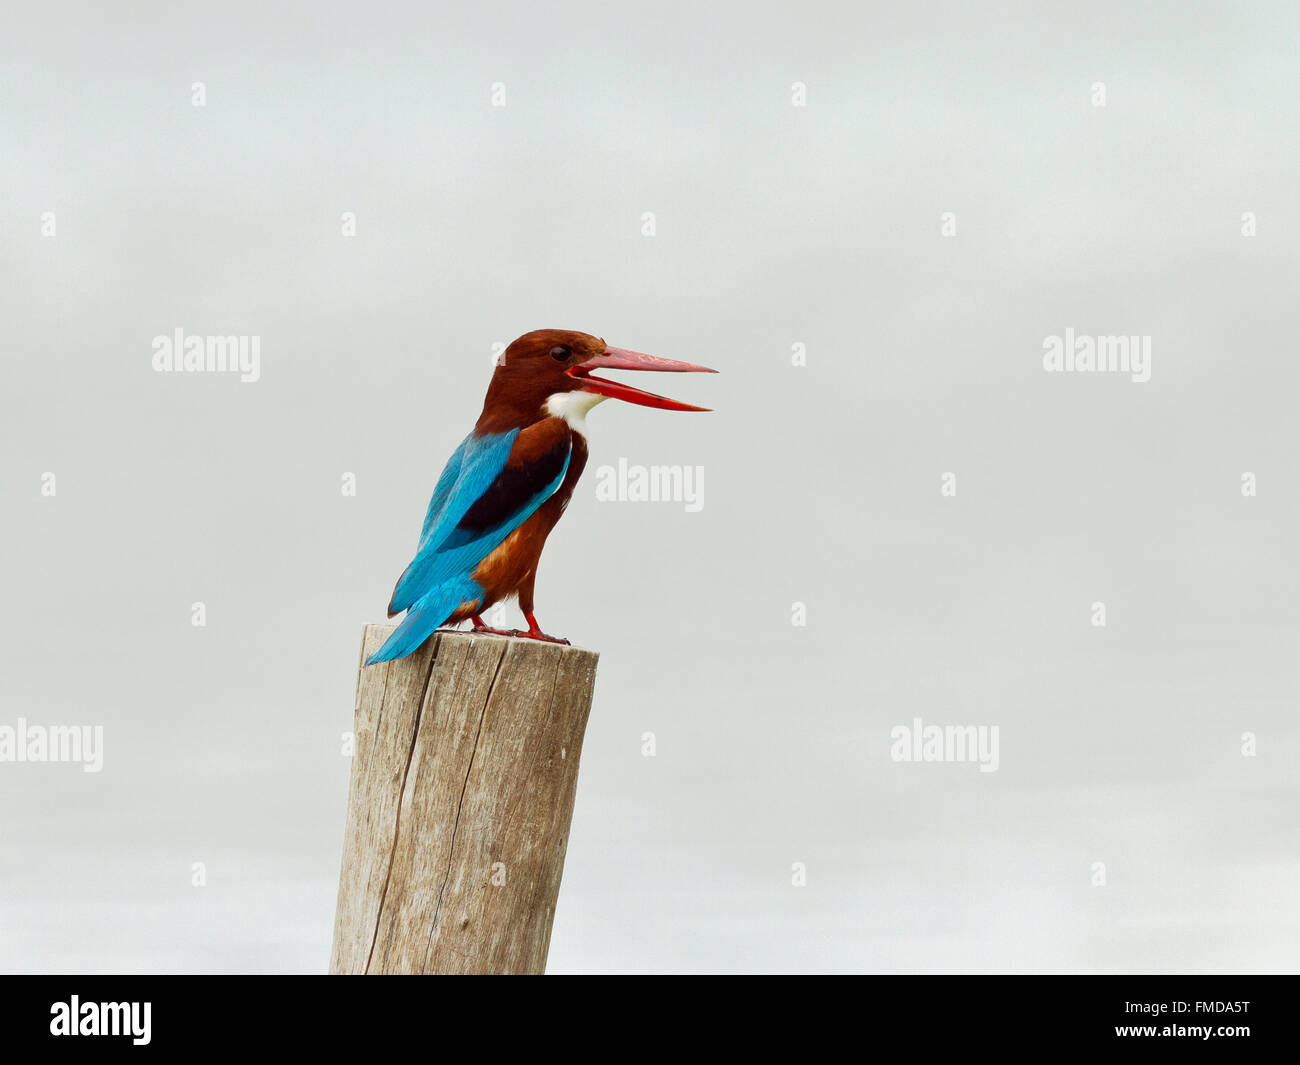 White-throated kingfisher (Halcyon smyrnensis), Kho Kham, Samut Sakhon, Thailand - Stock Image